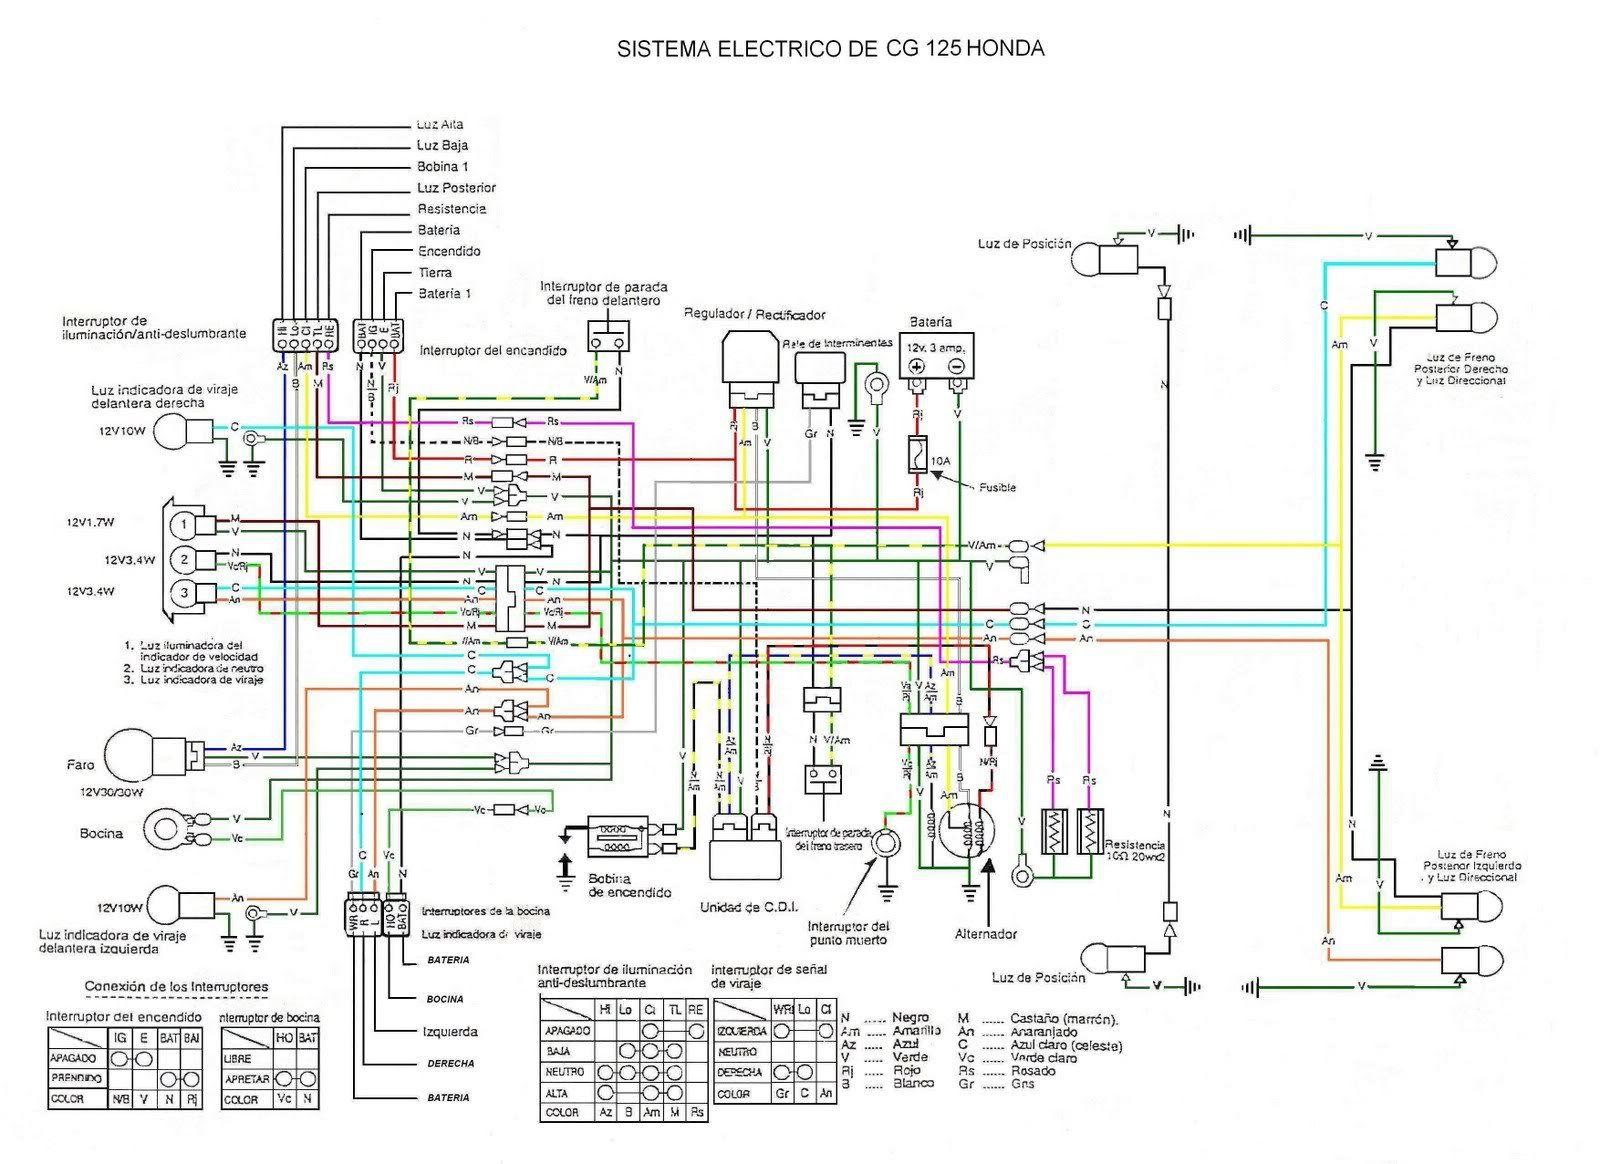 Diagrama O Sistema Electrico De Motos Chinas Mecanica De Motos Sistema Electrico Diagrama De Instalacion Electrica